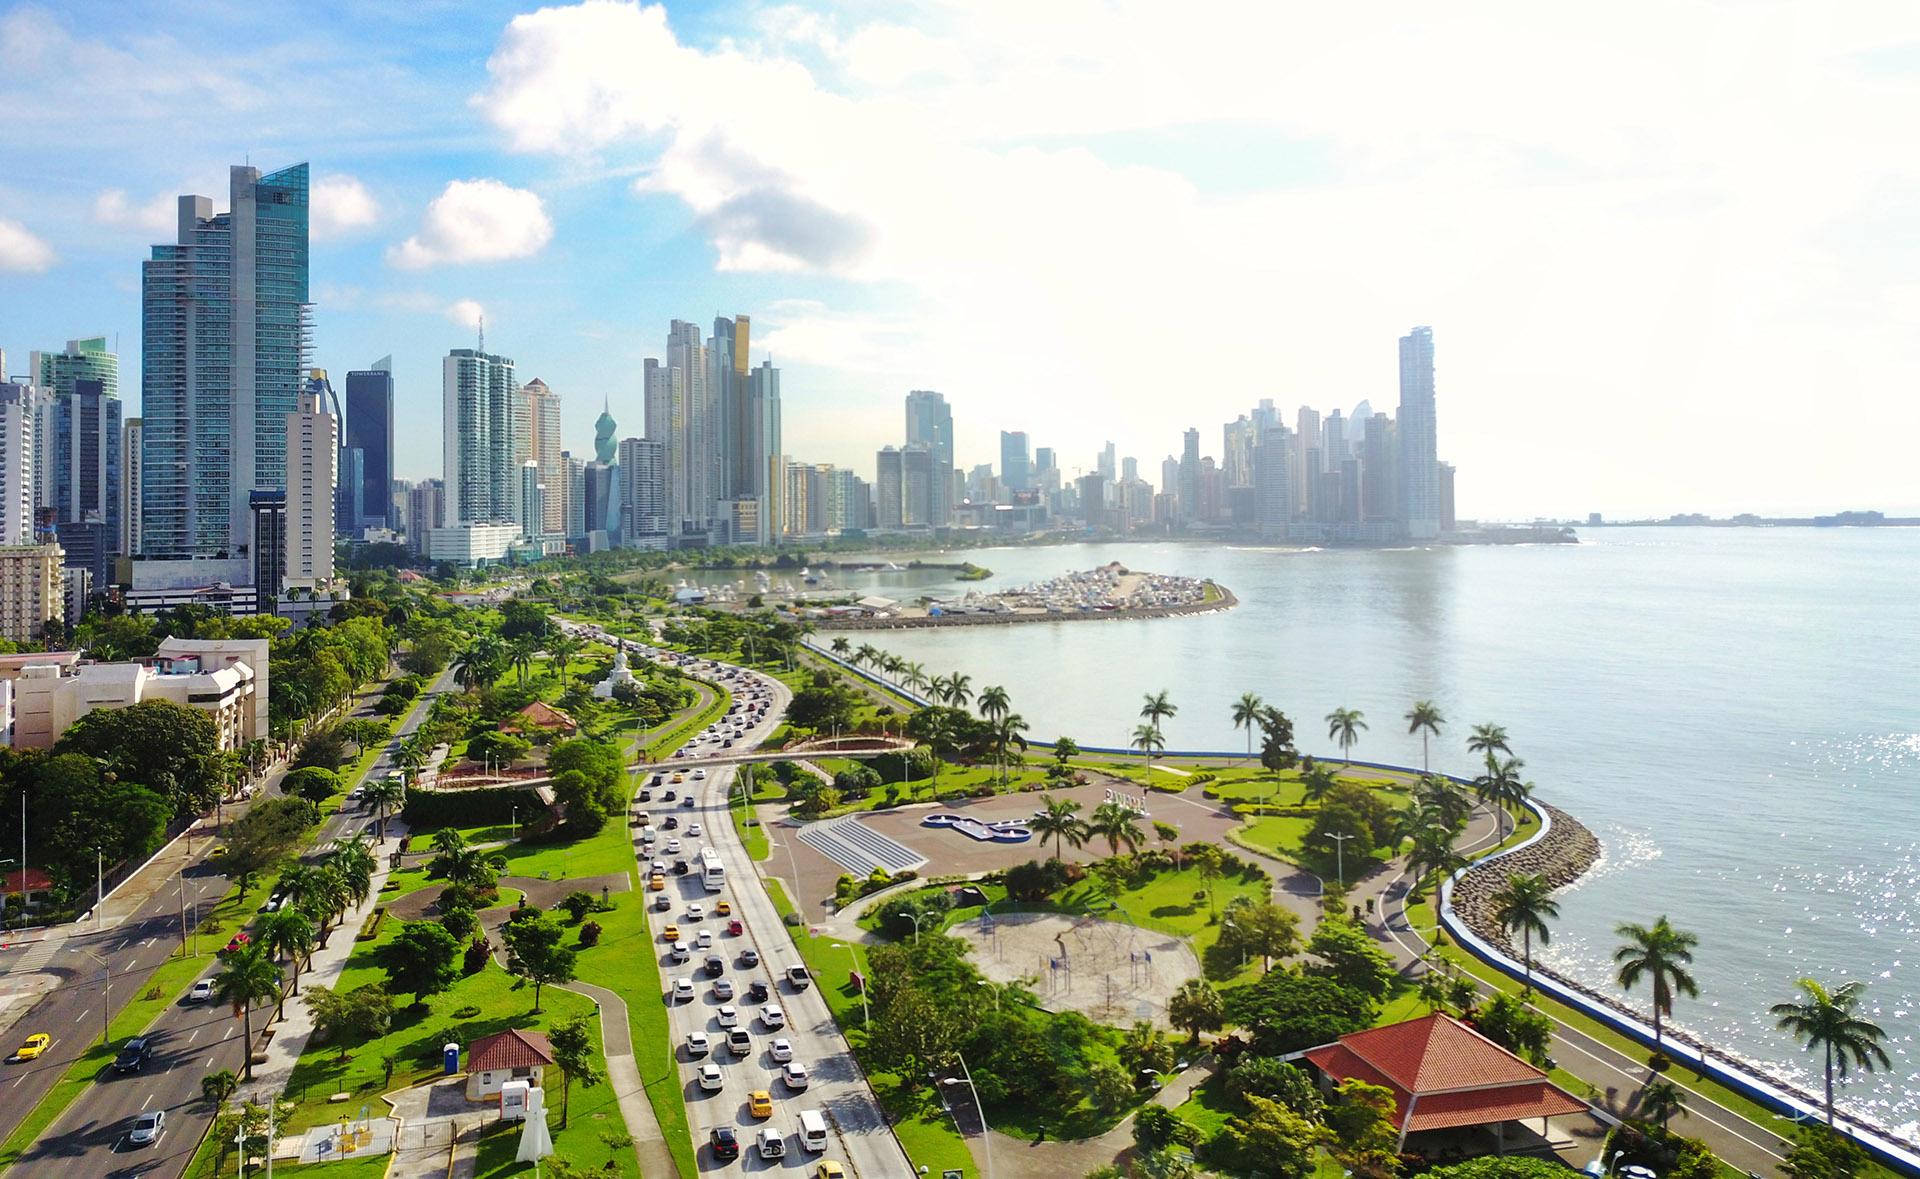 La ciudad de Panamá, la capital más cosmopolita de Centroamérica, es una metrópolis vibrante y una puerta de entrada a las escapadas tropicales